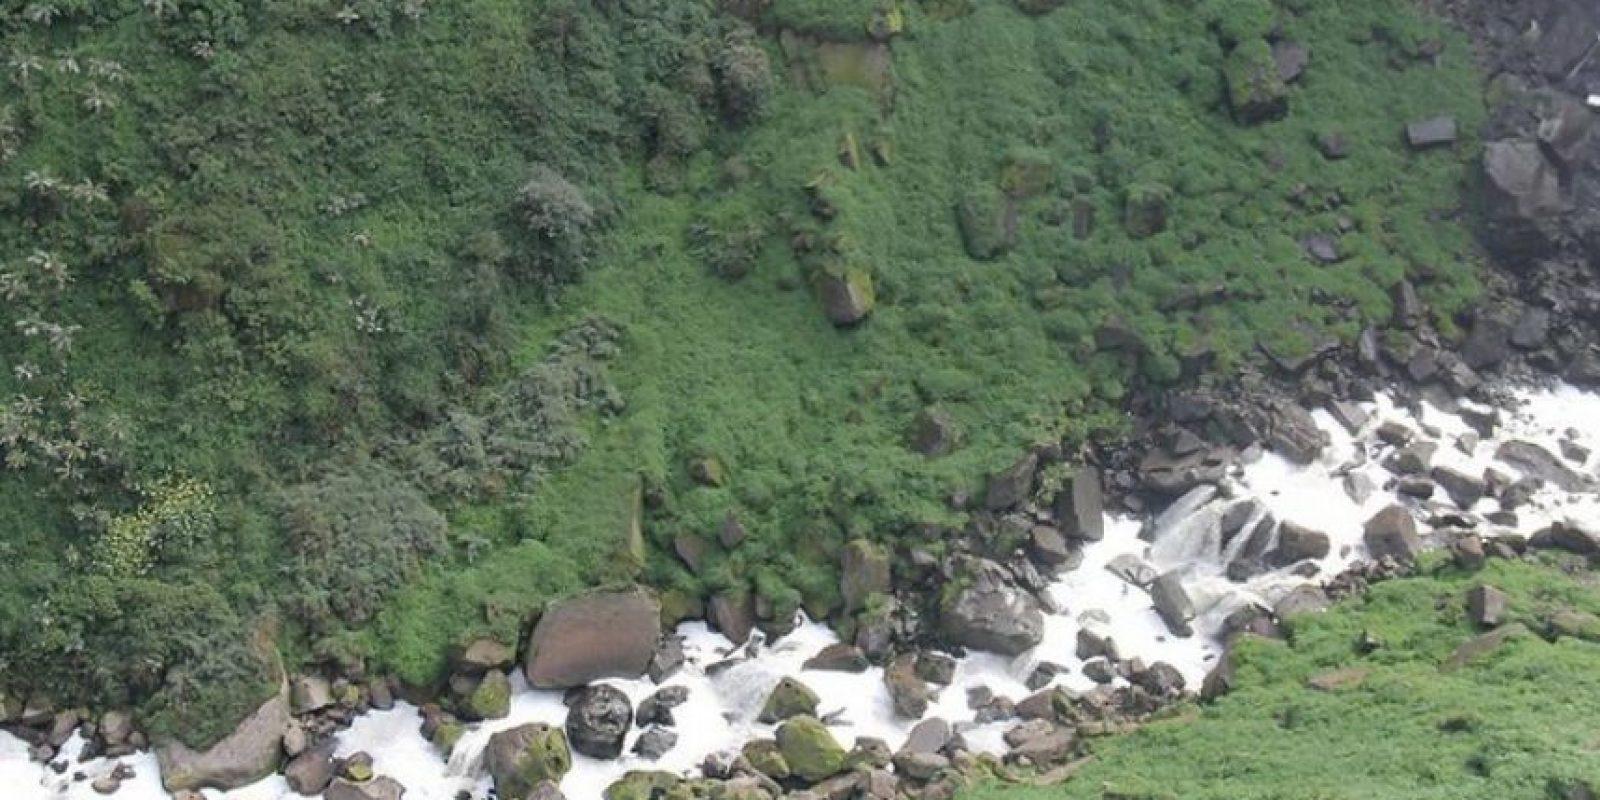 La alta contaminación que se registra en el río Bogotá ha colaborado con la desaparción de varias especies animales.